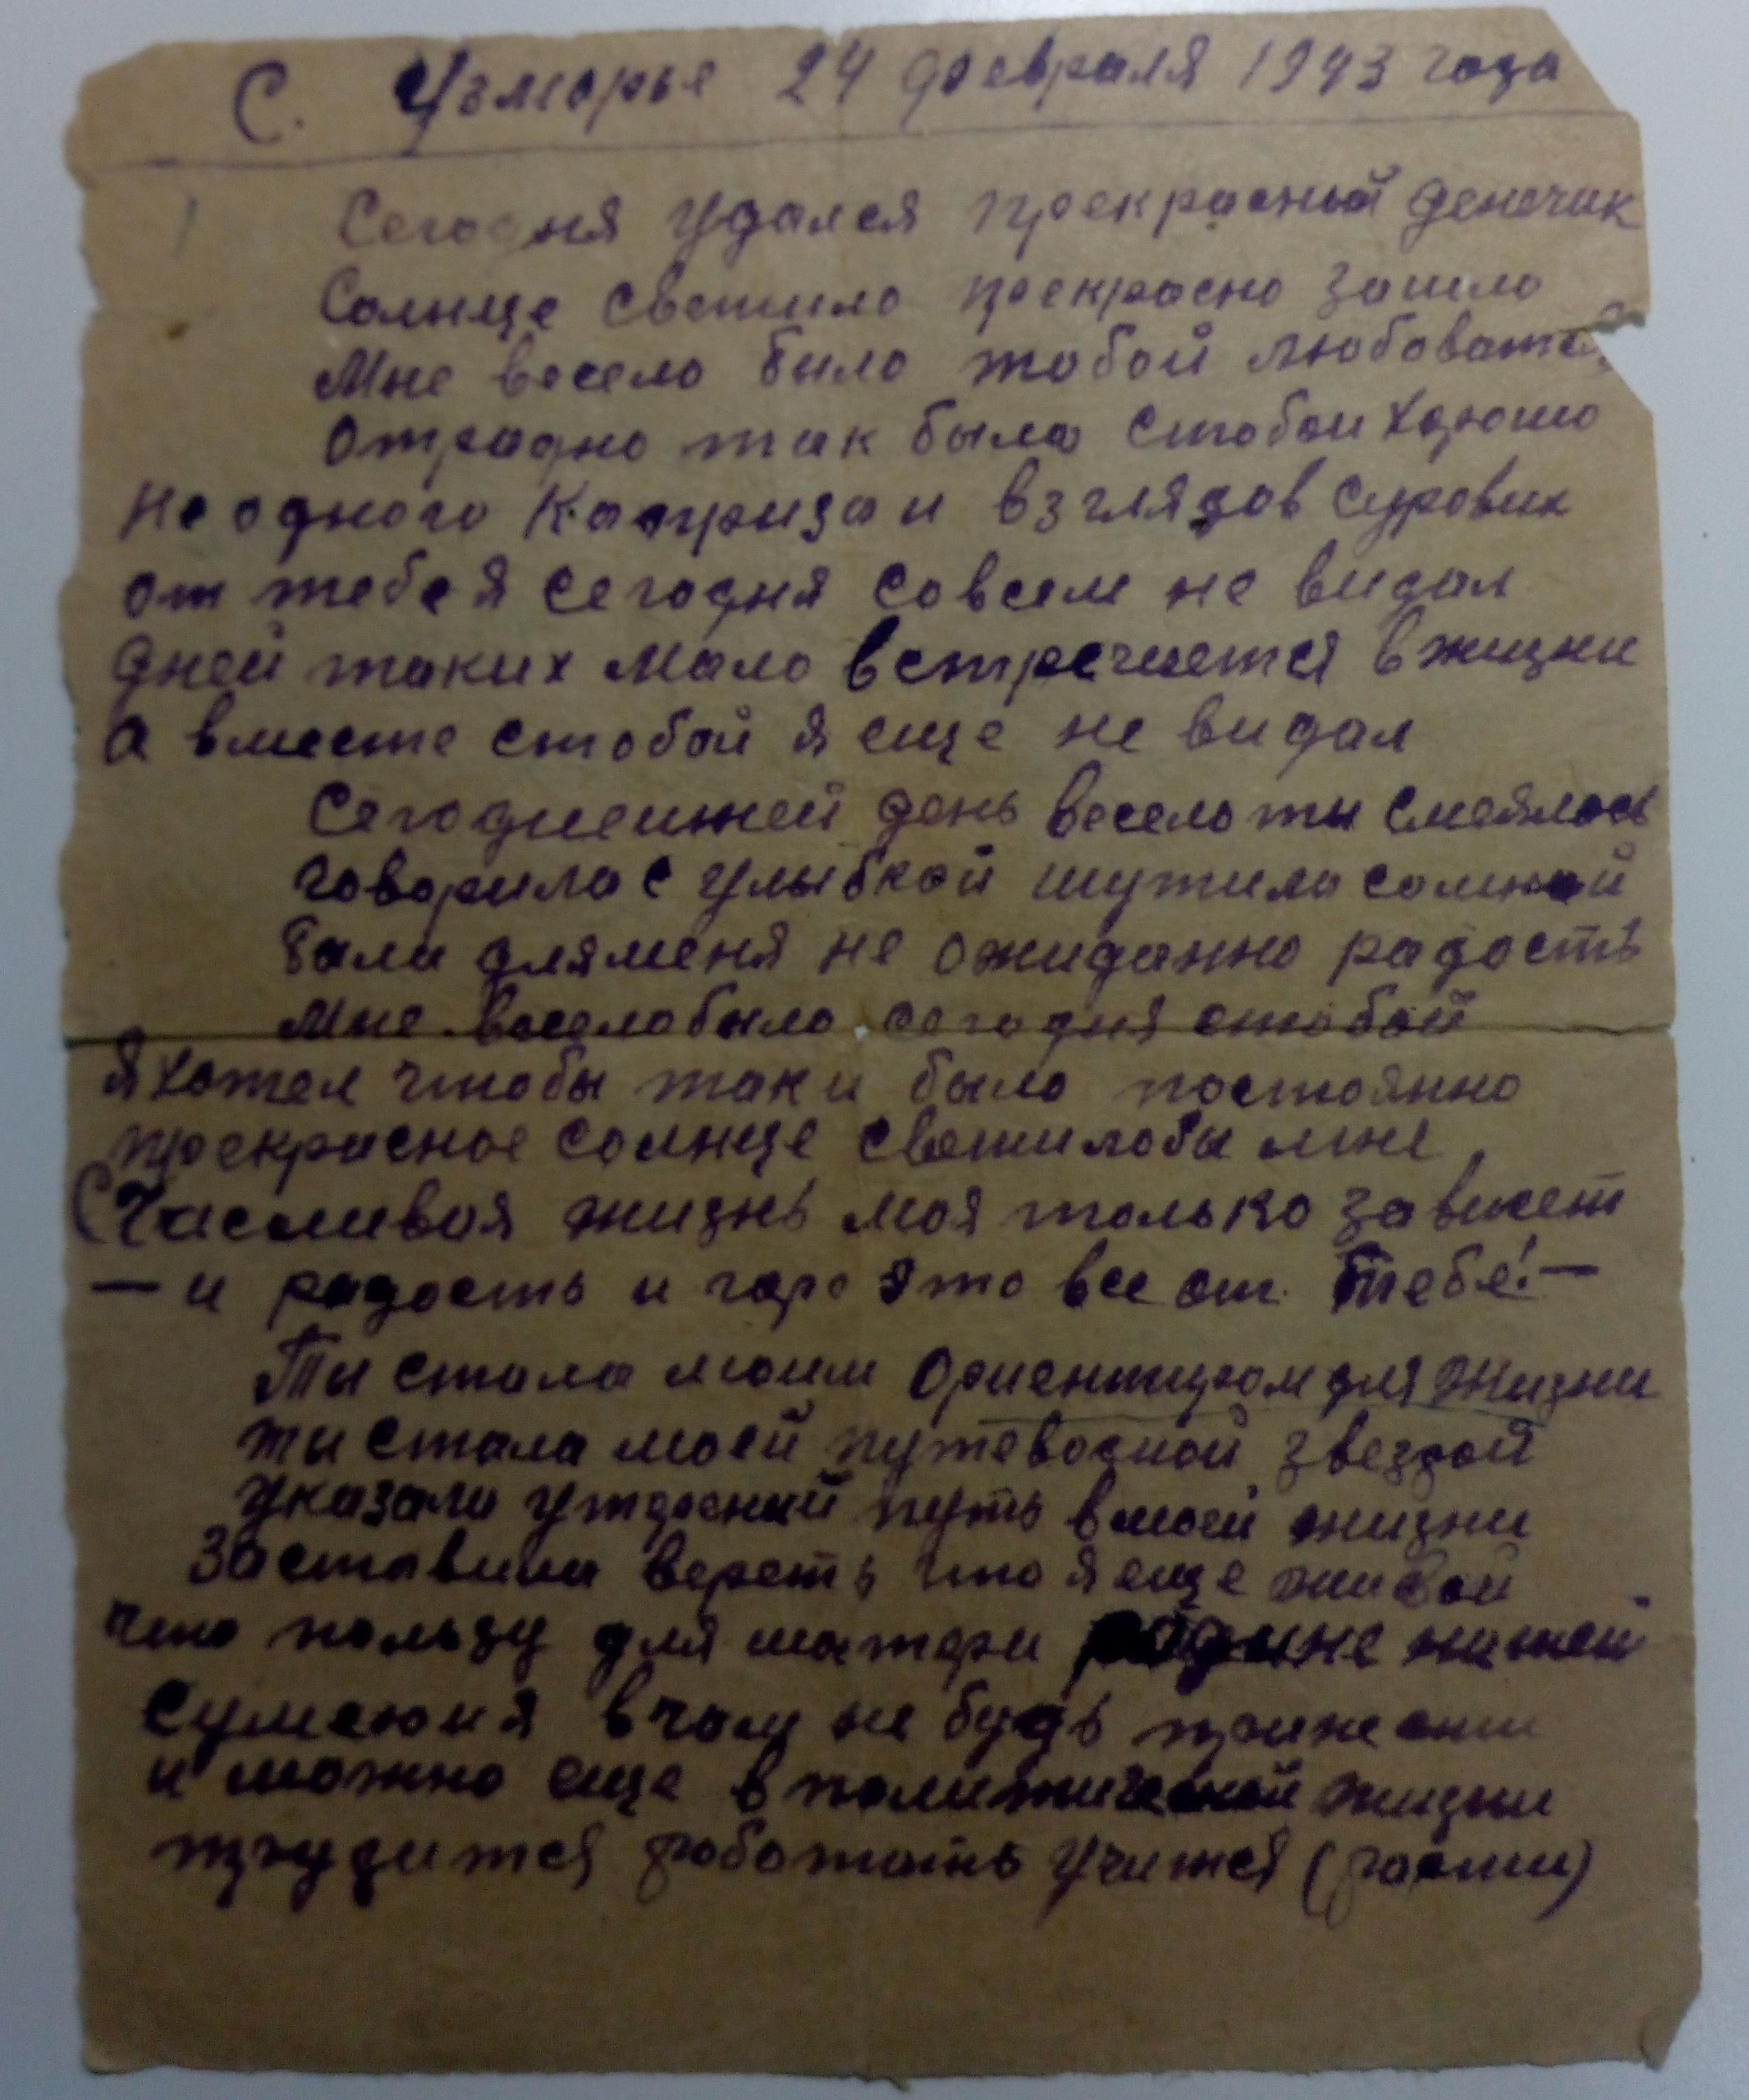 Письмо в стихах было адресовано Евгении Никитиной 24 февраля 1943 года командиром взвода Сергеем Морозовым. Послание написано на бумаге от пачки из-под махорки за шесть часов перед боем. В этом бою Сергей Морозов погиб